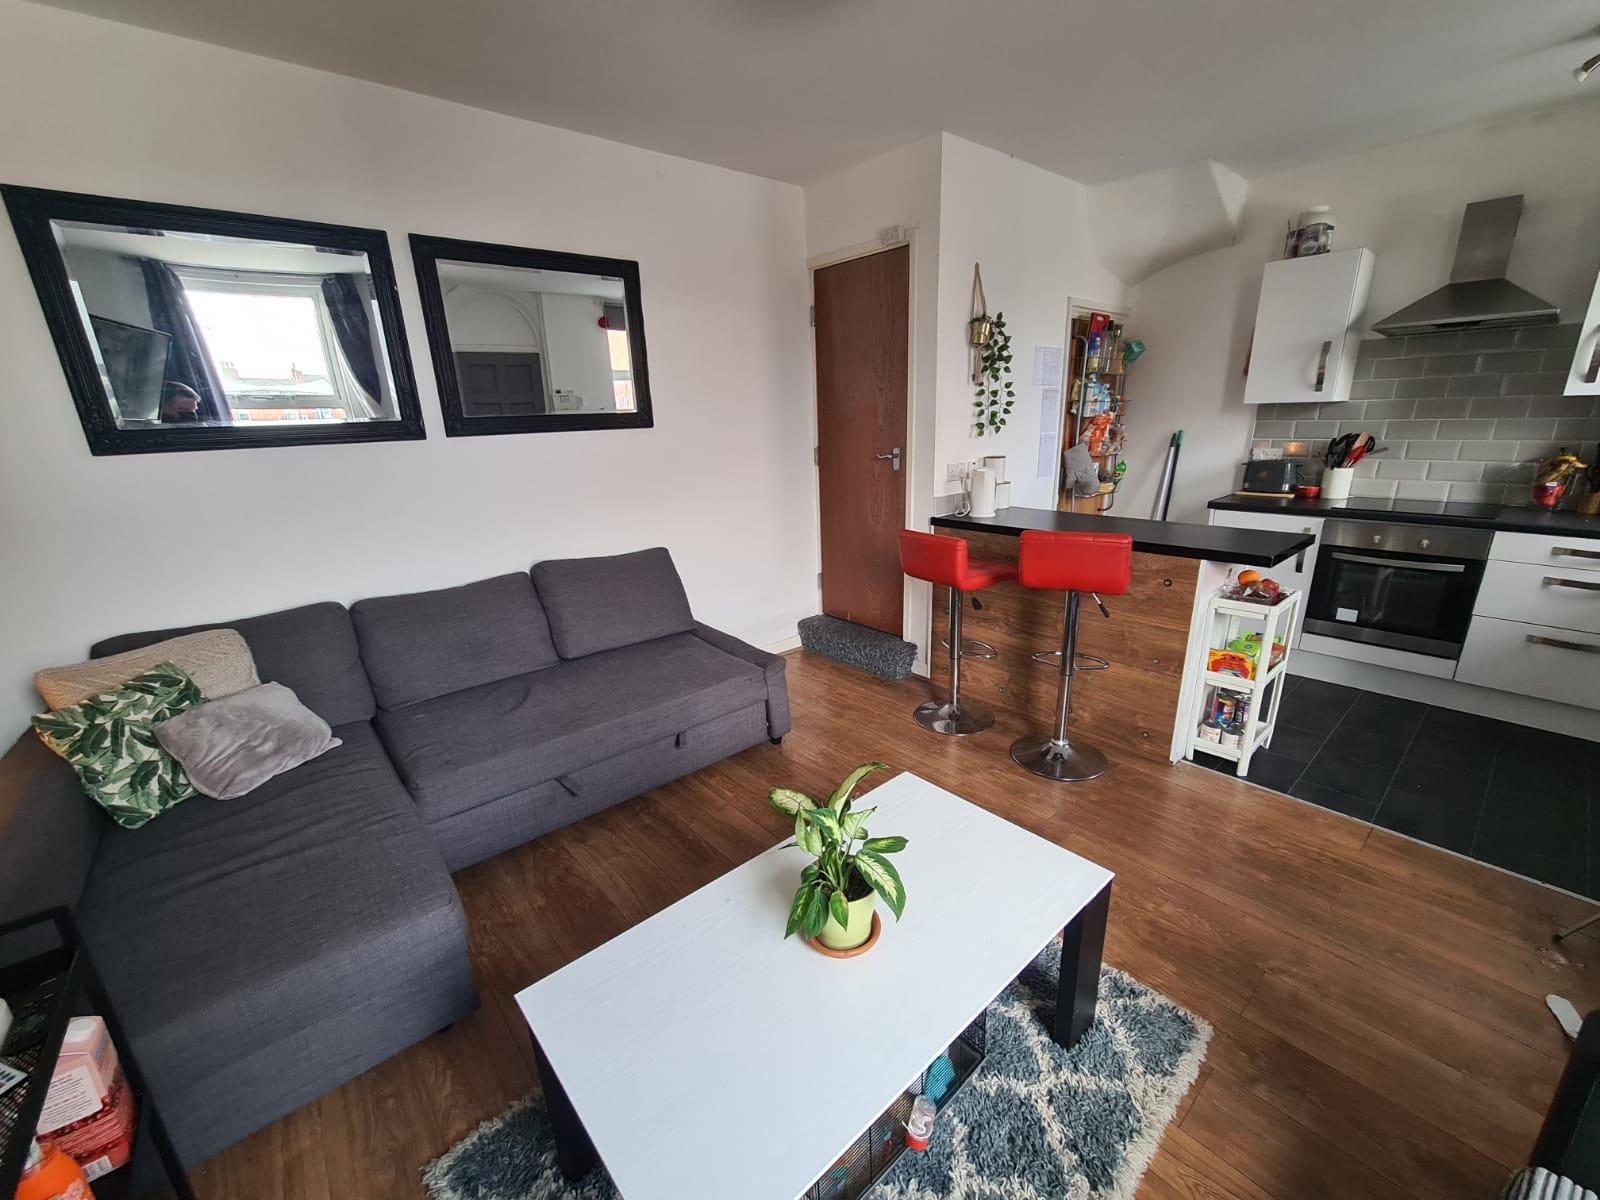 https://www.landlorddirectlets.co.uk/storage/app/uploads/public/600/c46/2a1/600c462a1d521990379016.jpeg